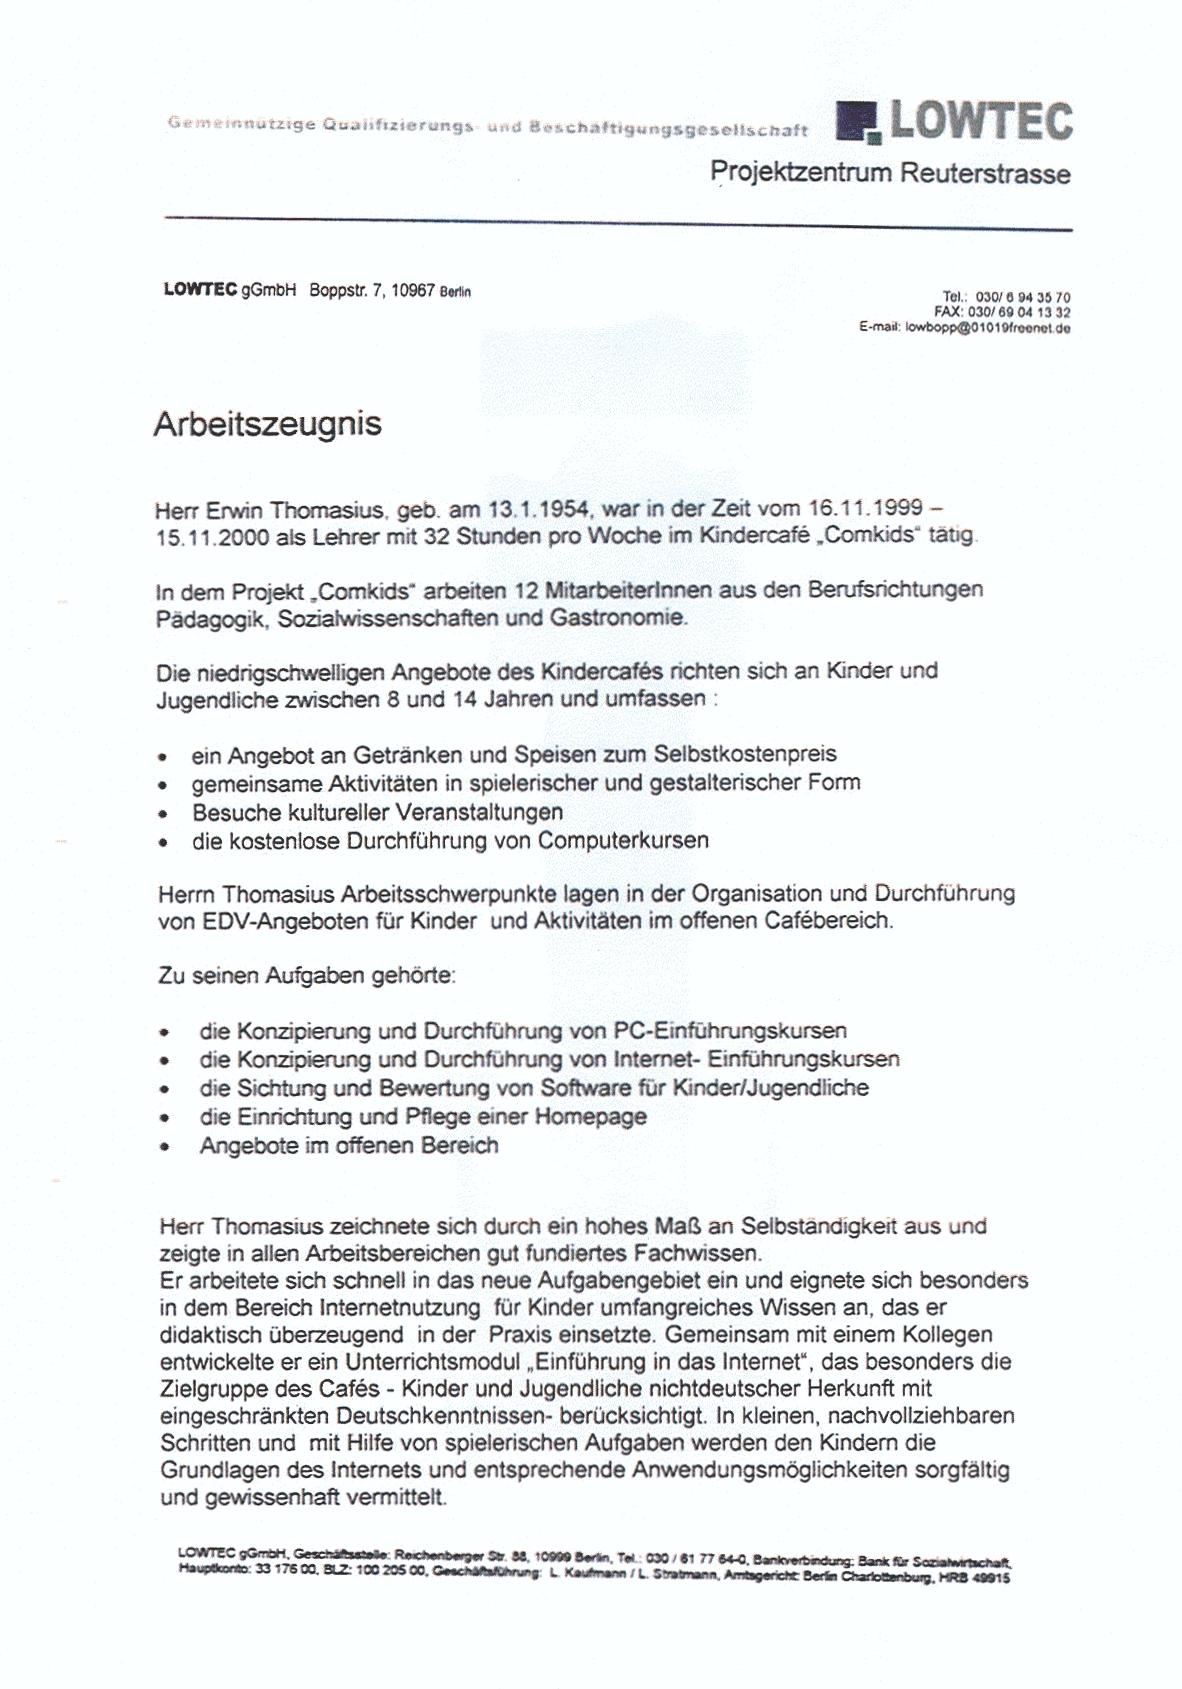 Großartig Lehrer Beschreibung Lebenslauf Zeitgenössisch - Entry ...